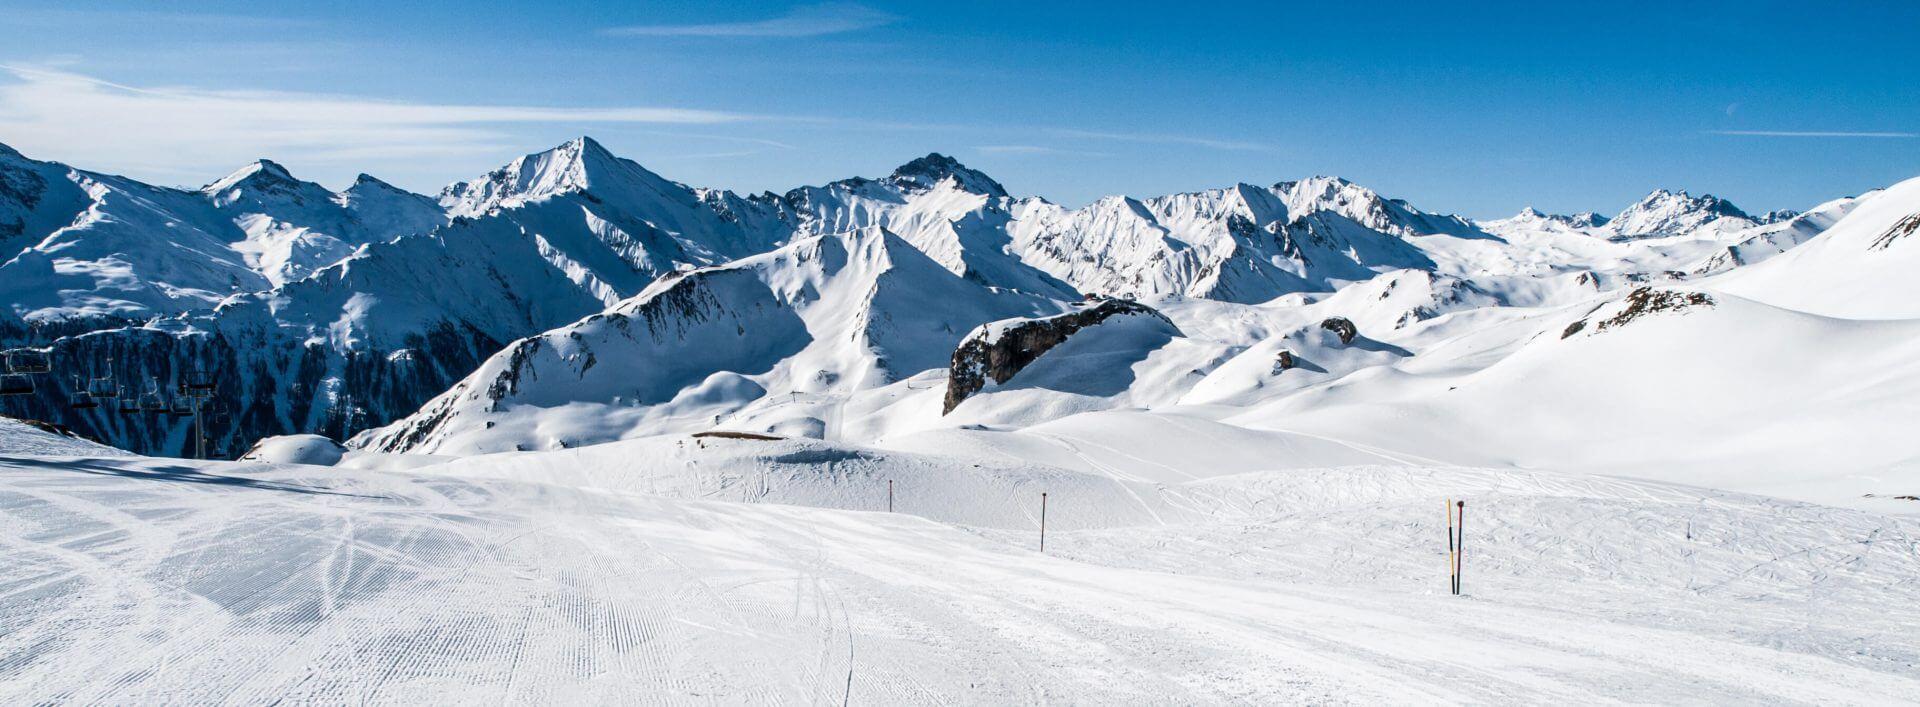 Gdzie na narty w Alpy?